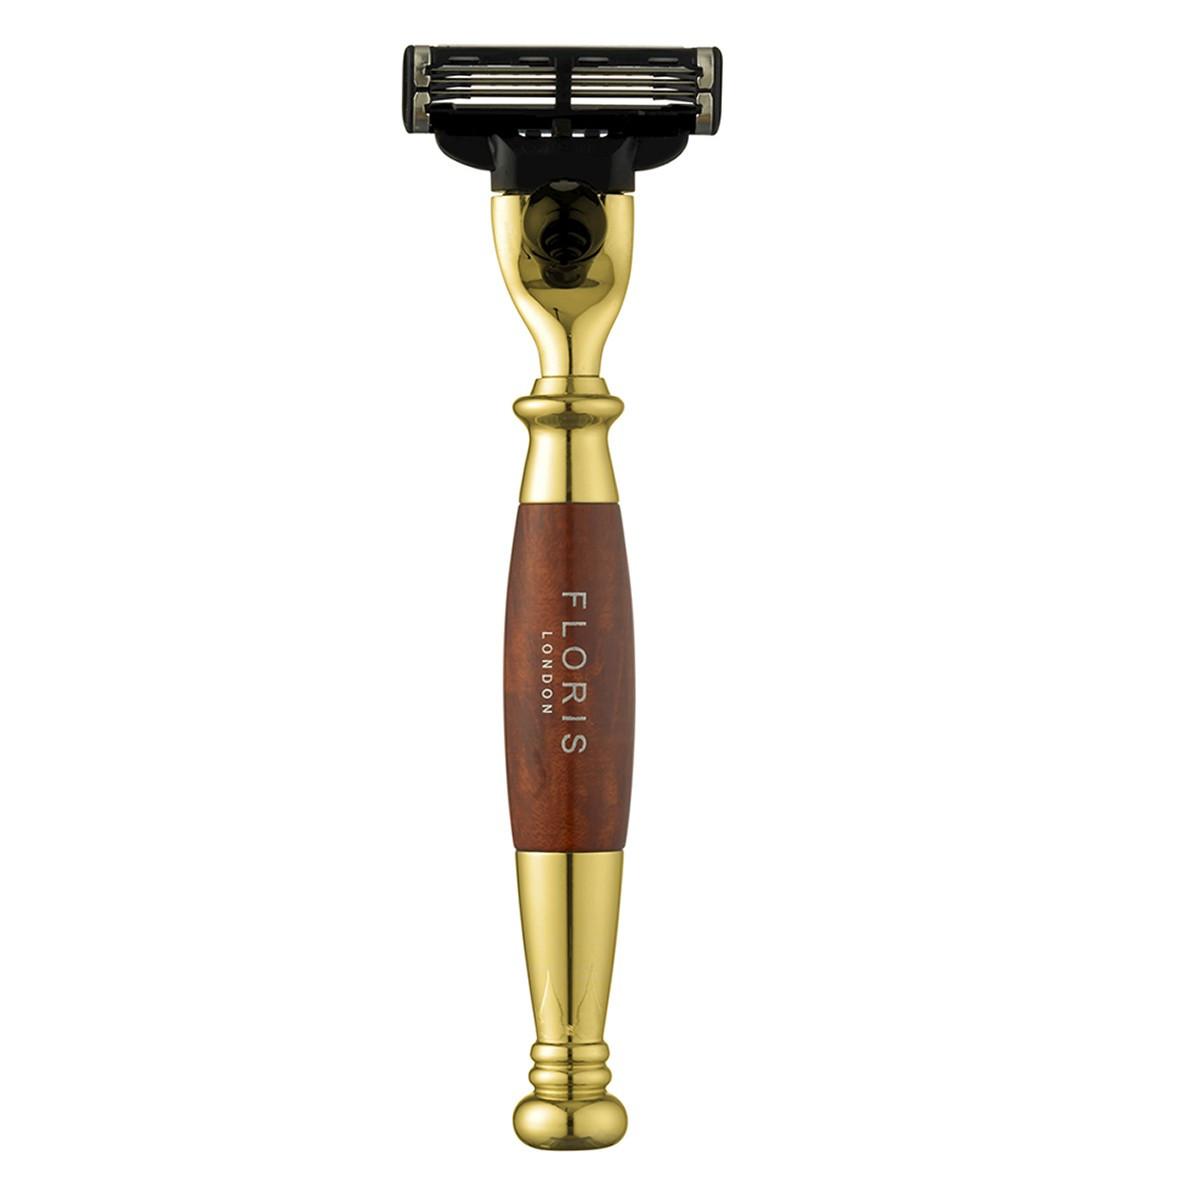 Image of   Floris Barberskraber til Gillette Mach3, Guldbelagt Briar Træ